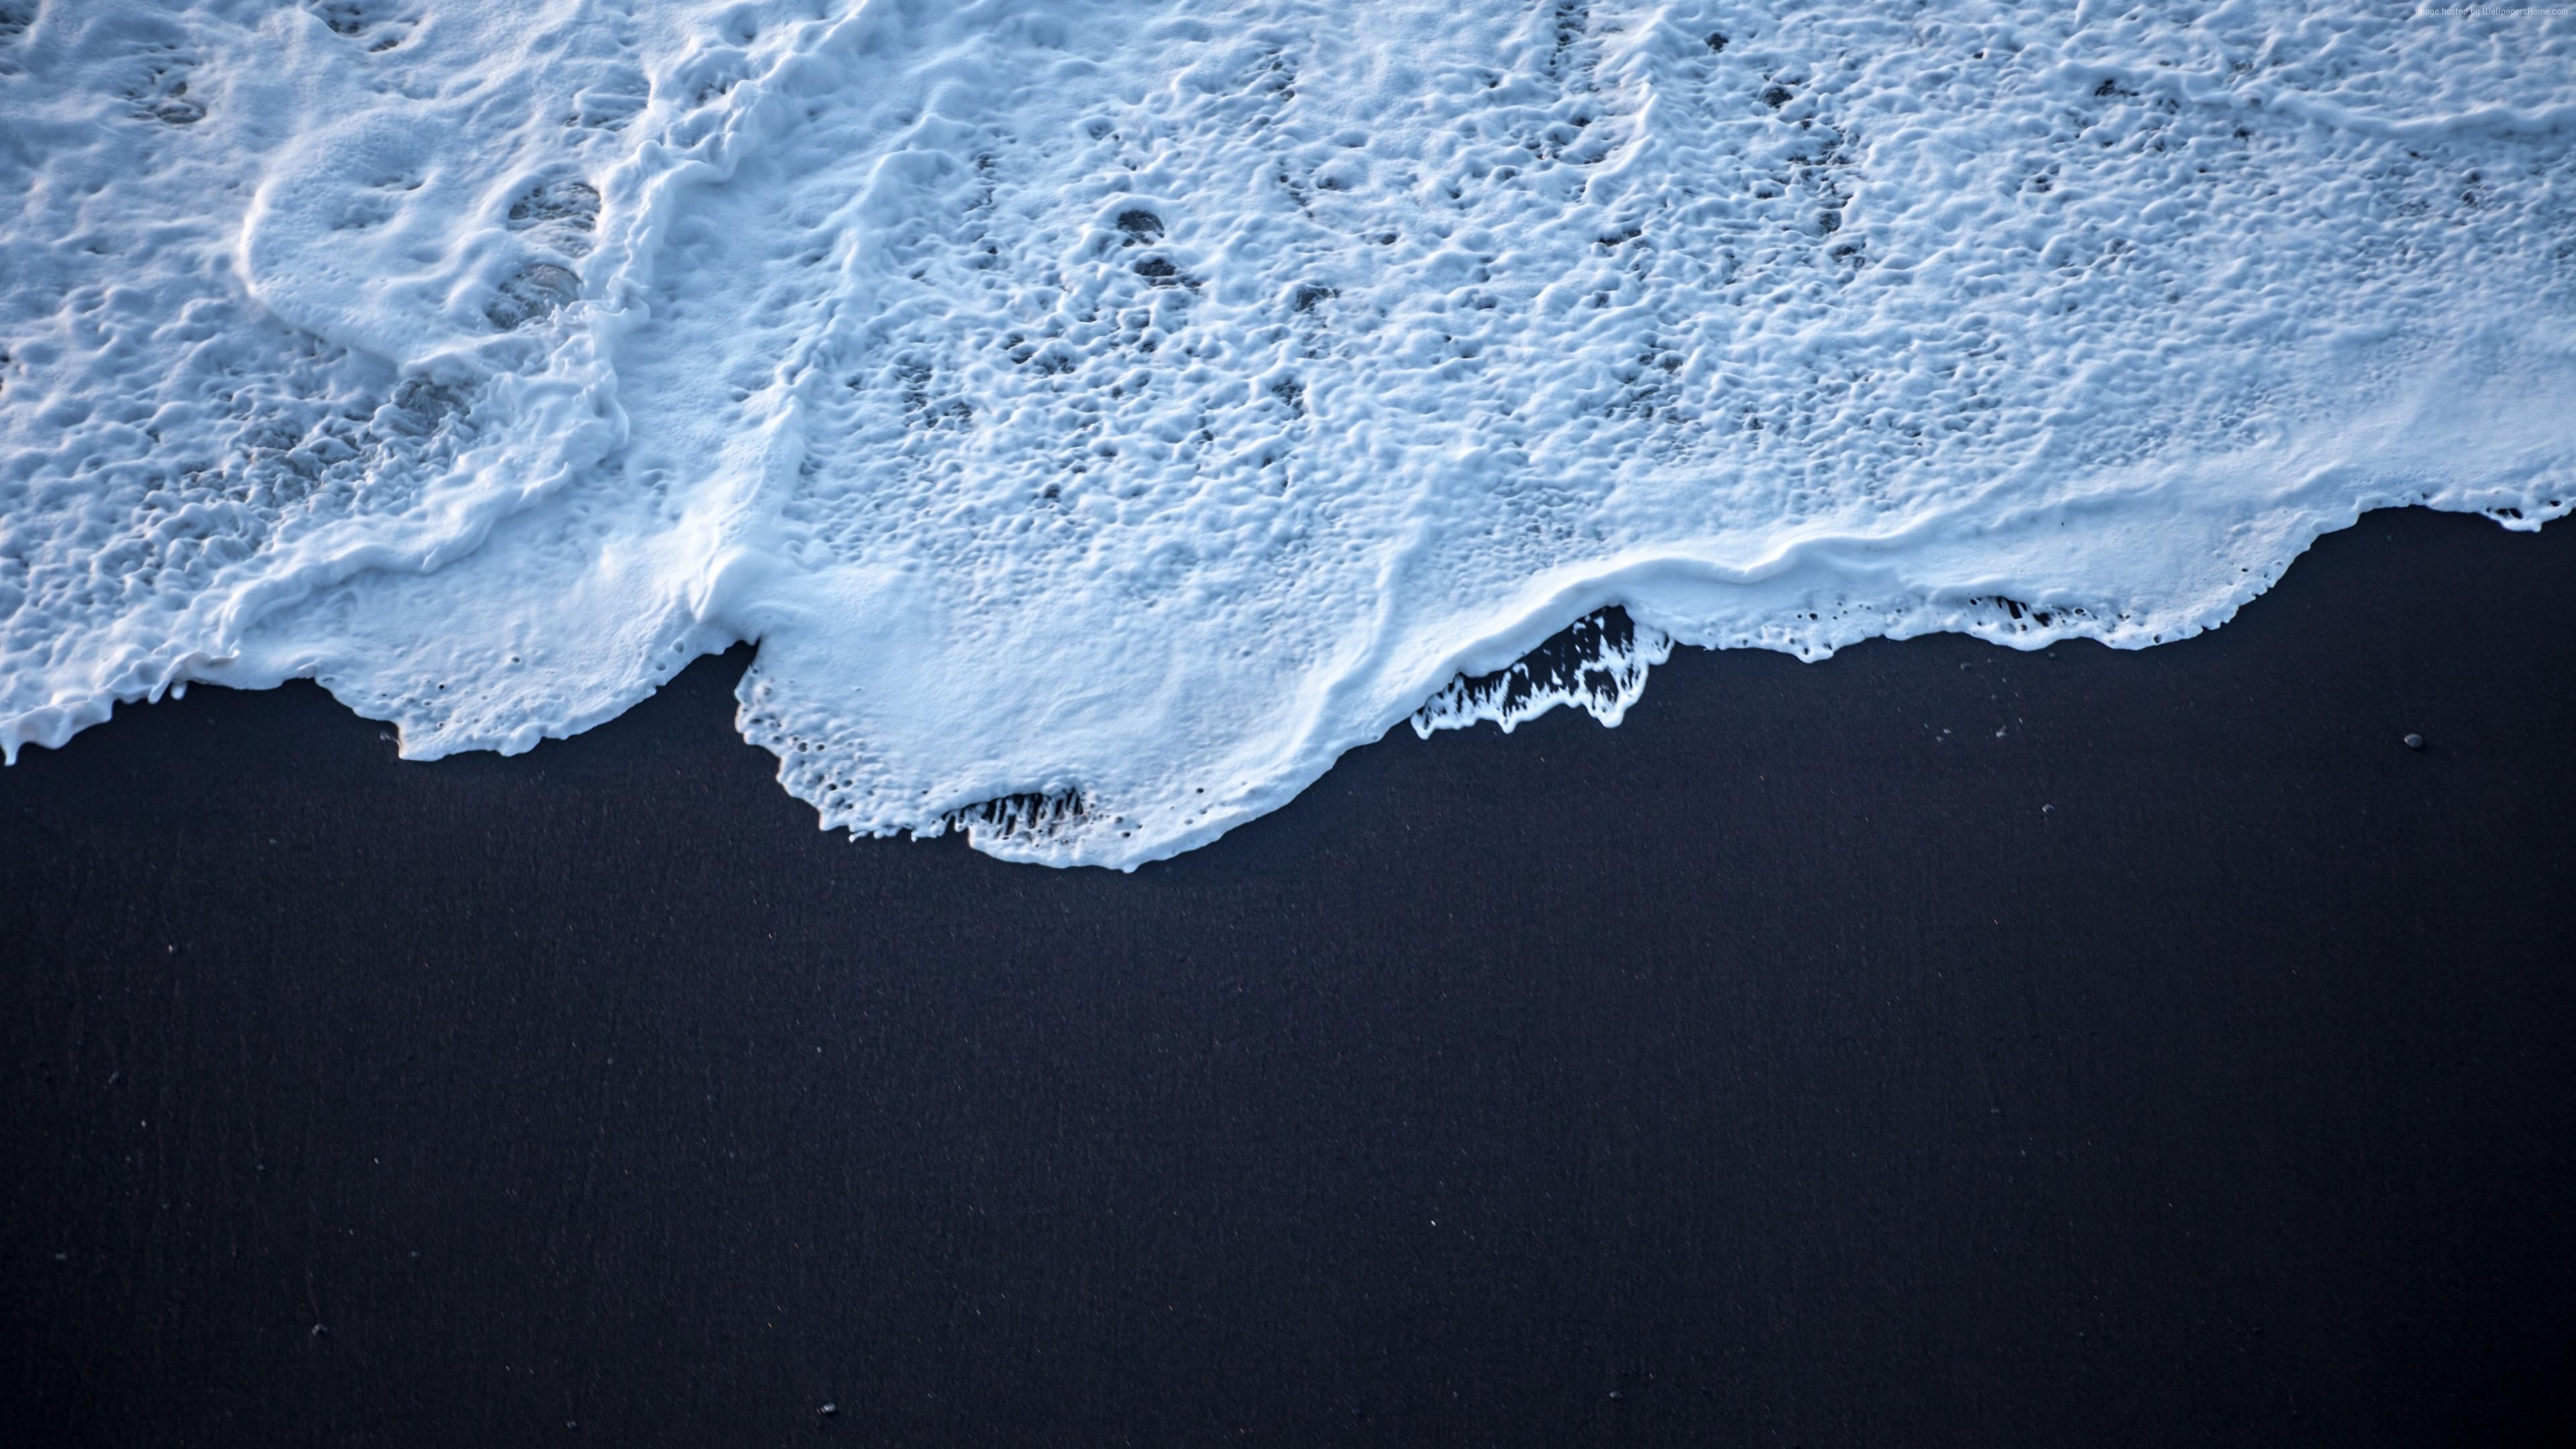 Wallpaper 4k Sea Foam Black Sand 4k 4k Wallpapers Black